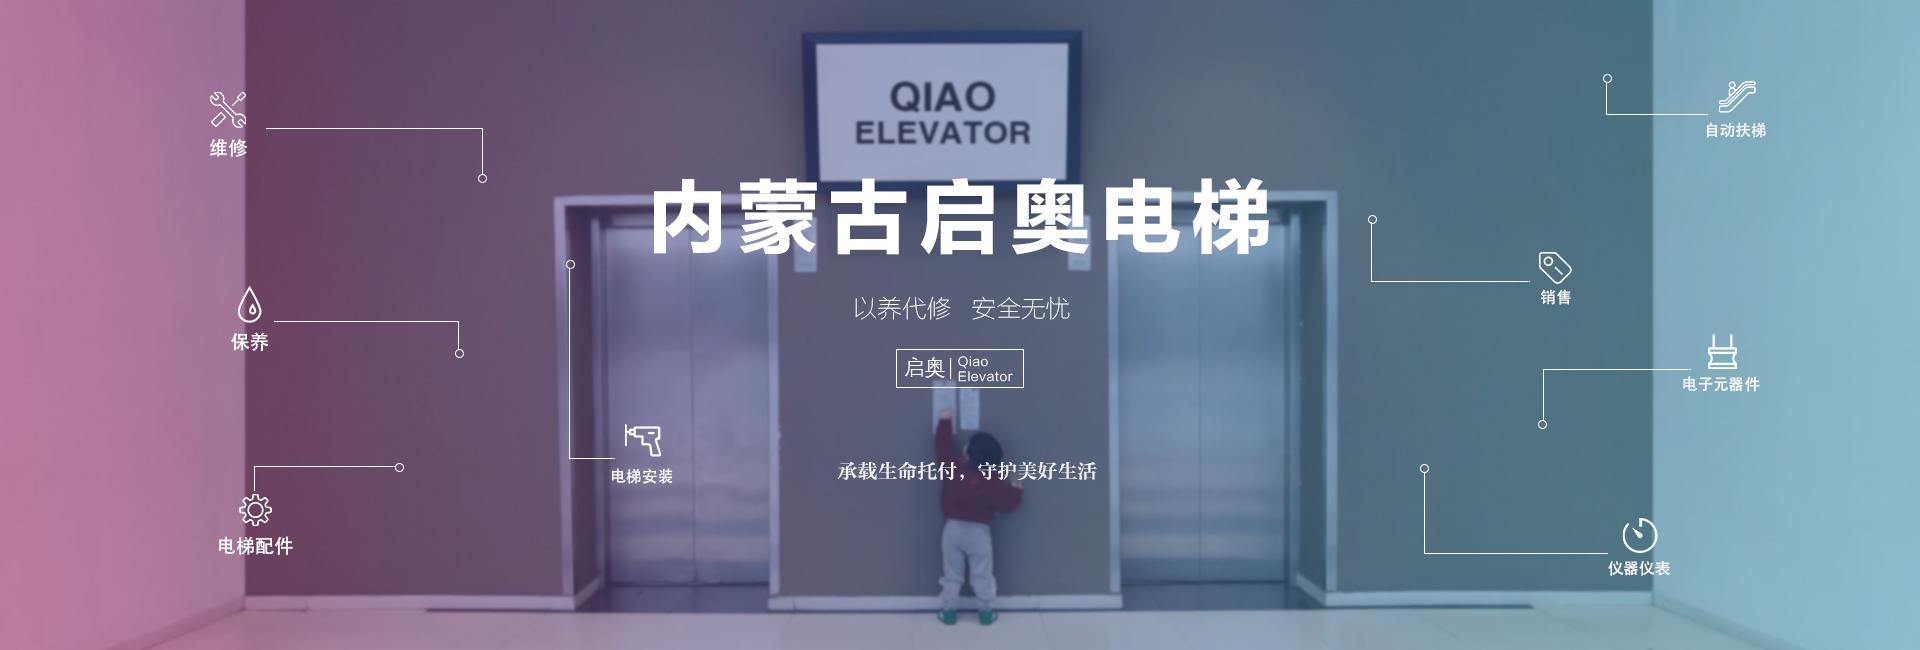 内蒙古电梯销售